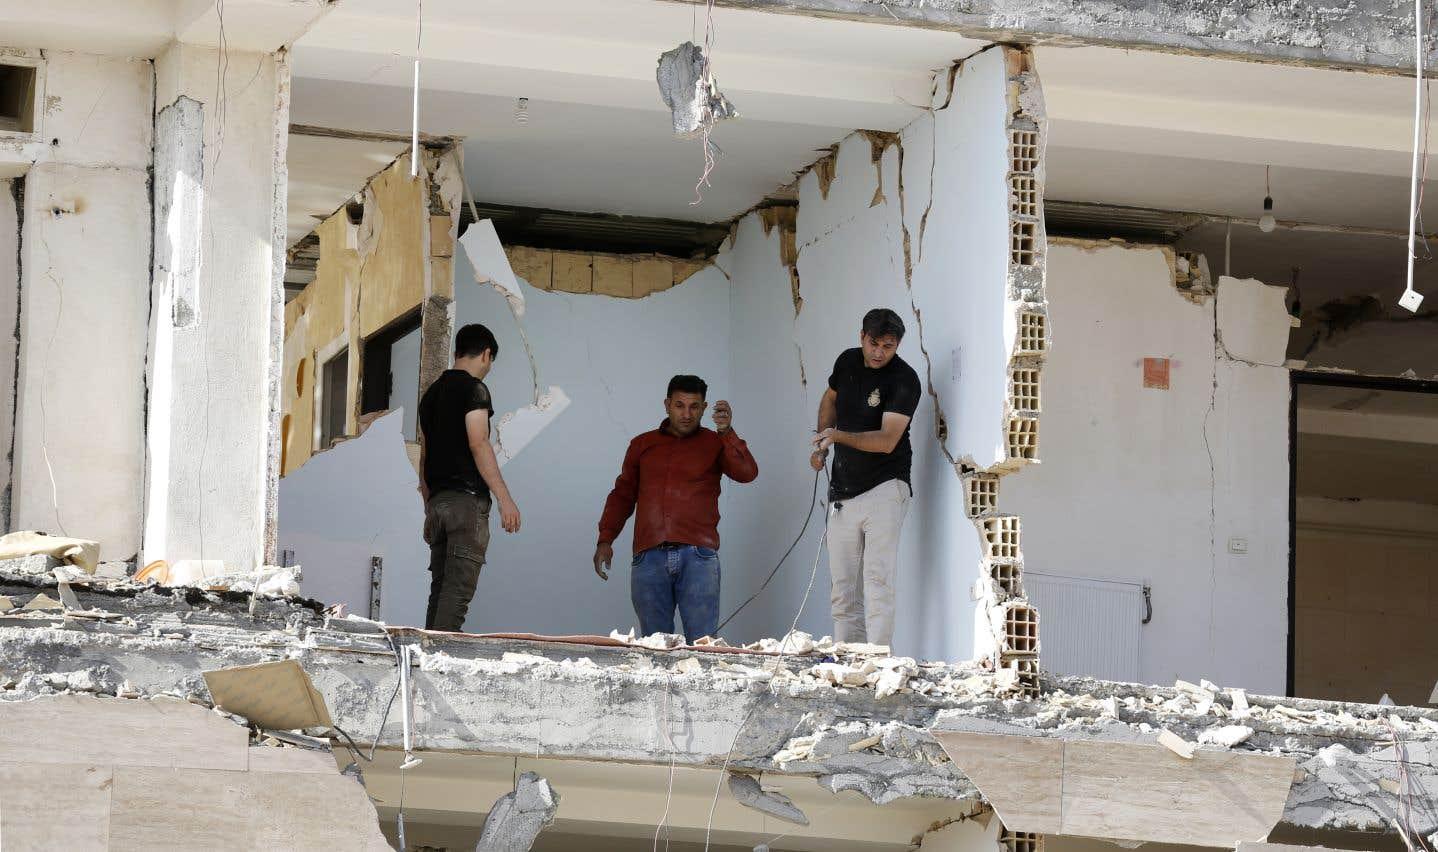 Cette même zone avait été frappée le 12 novembre par un séisme de magnitude 7,3.